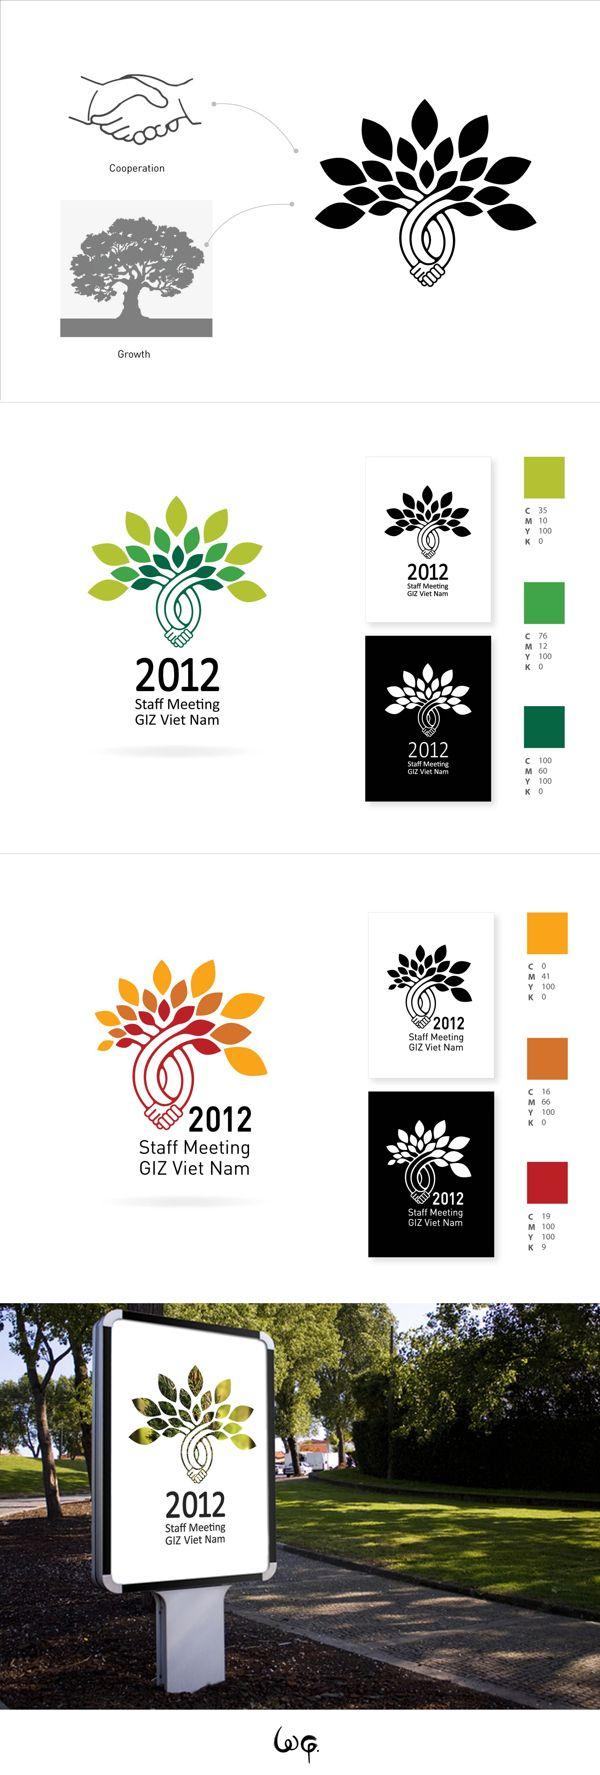 Diseno de logotipo. Excelente trabajo... logo / GIZ staff meetin' 2012 by Vu…